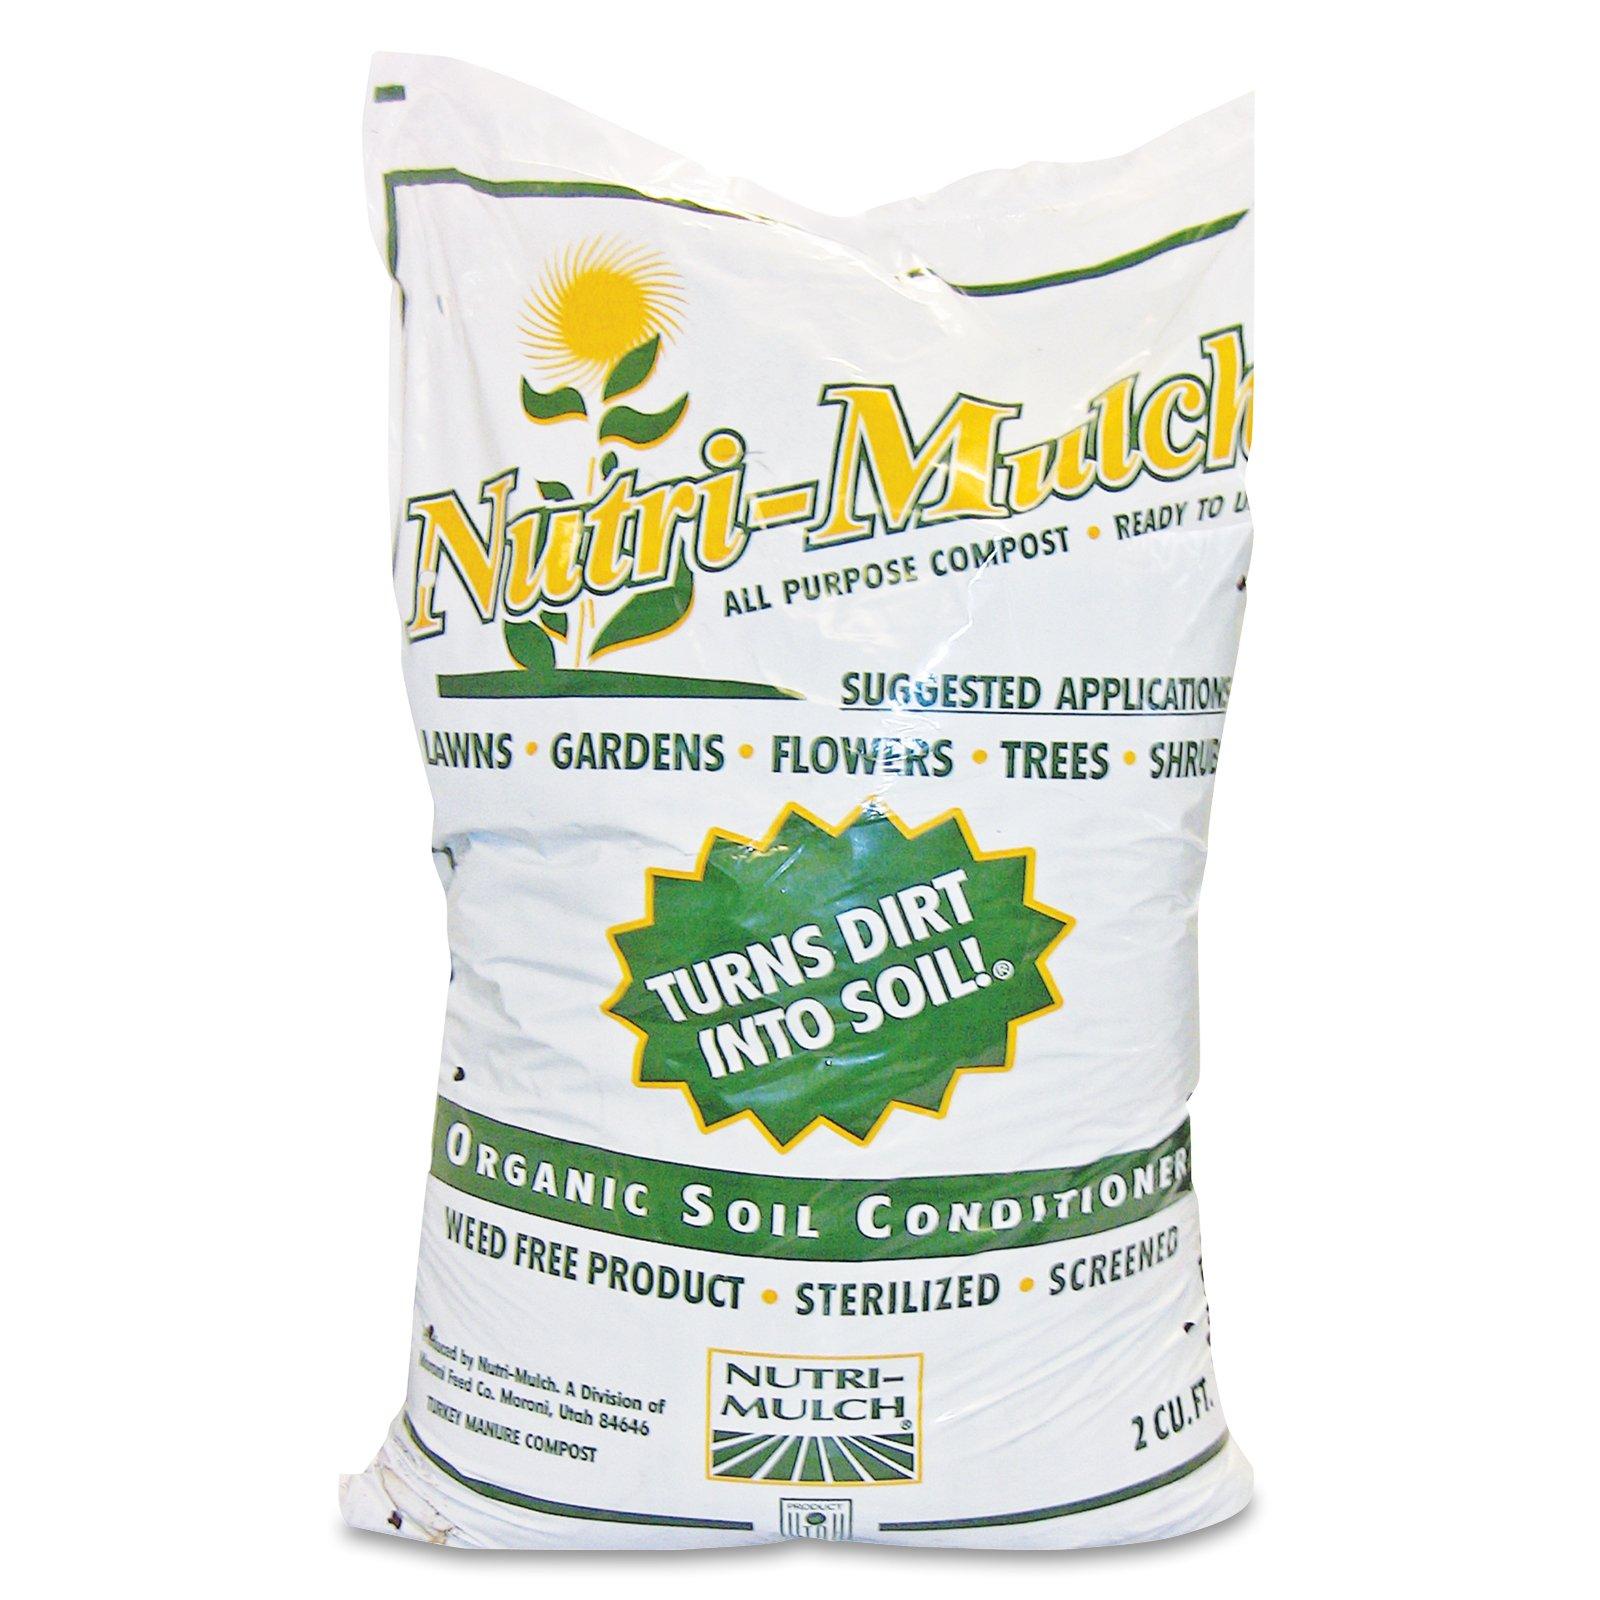 Nutri-Mulch All Purpose Compost